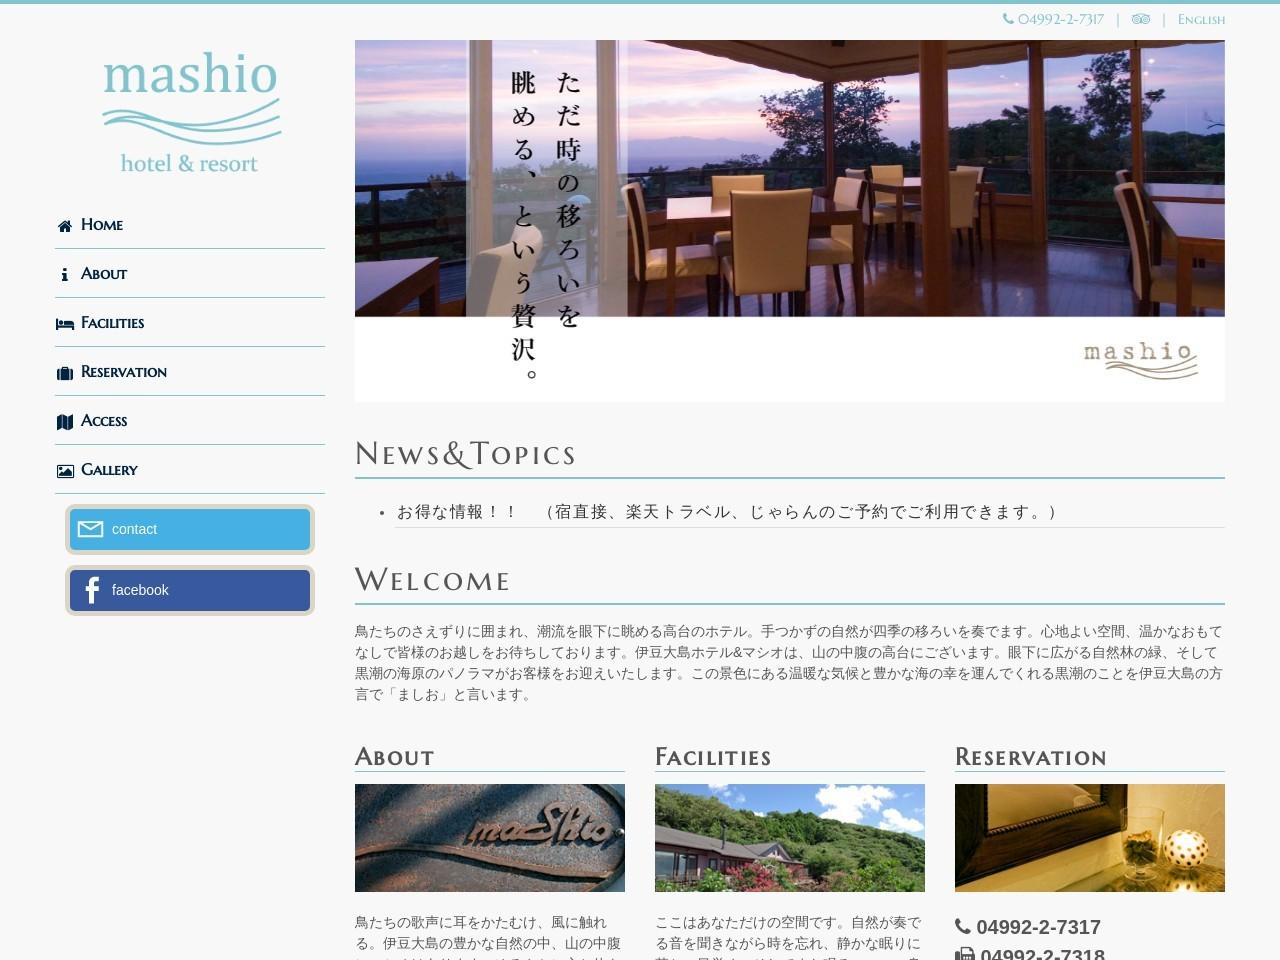 マシオ・ホテル&リゾート